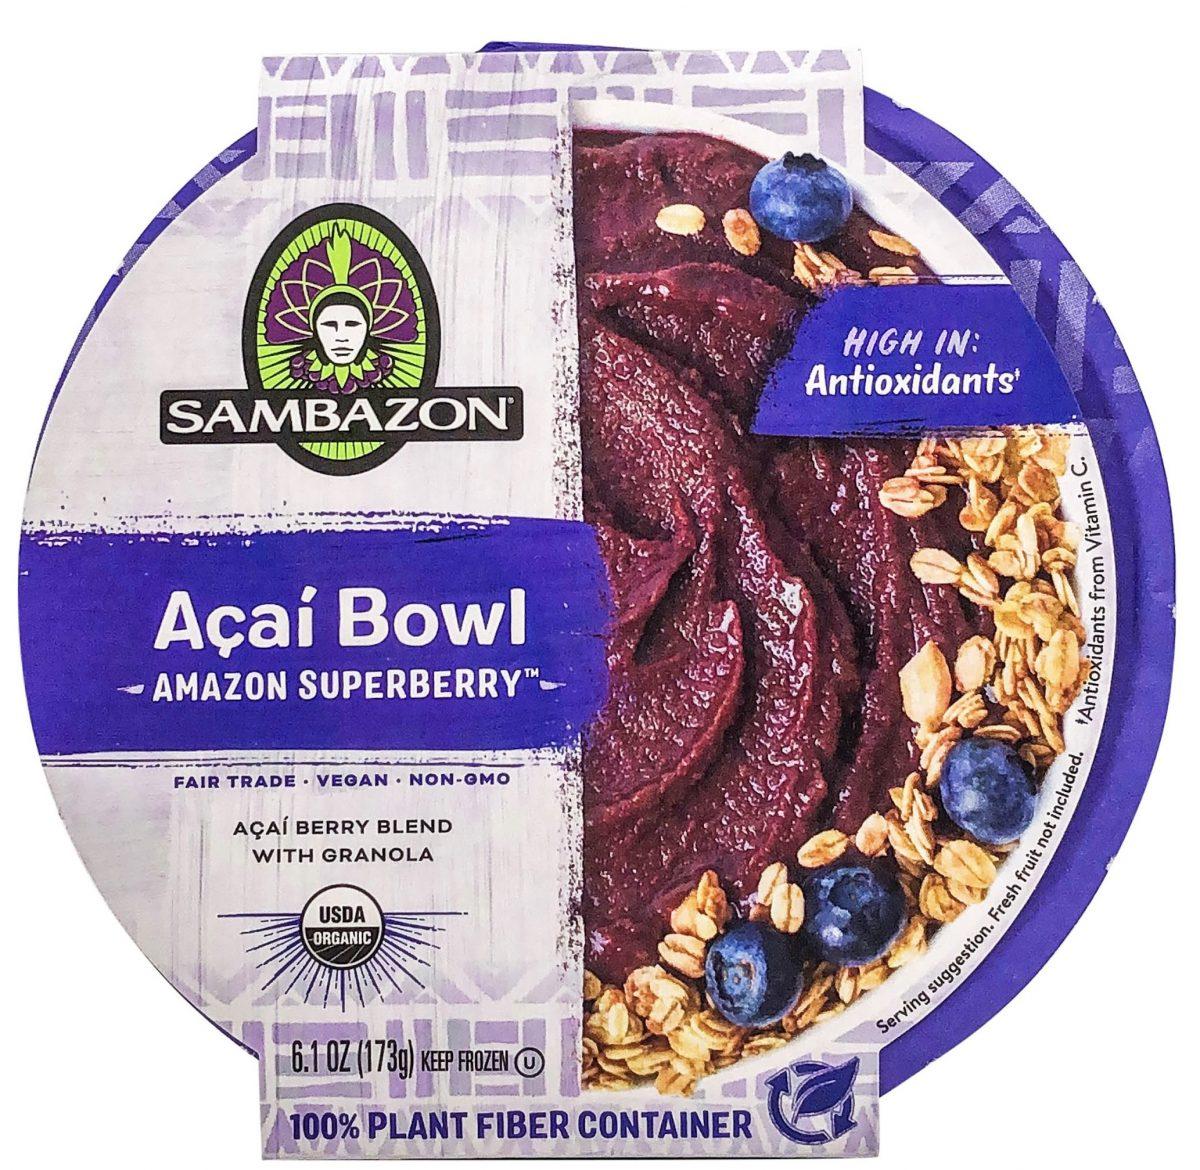 Sambazon Amazon Superberry Açaí Bowl